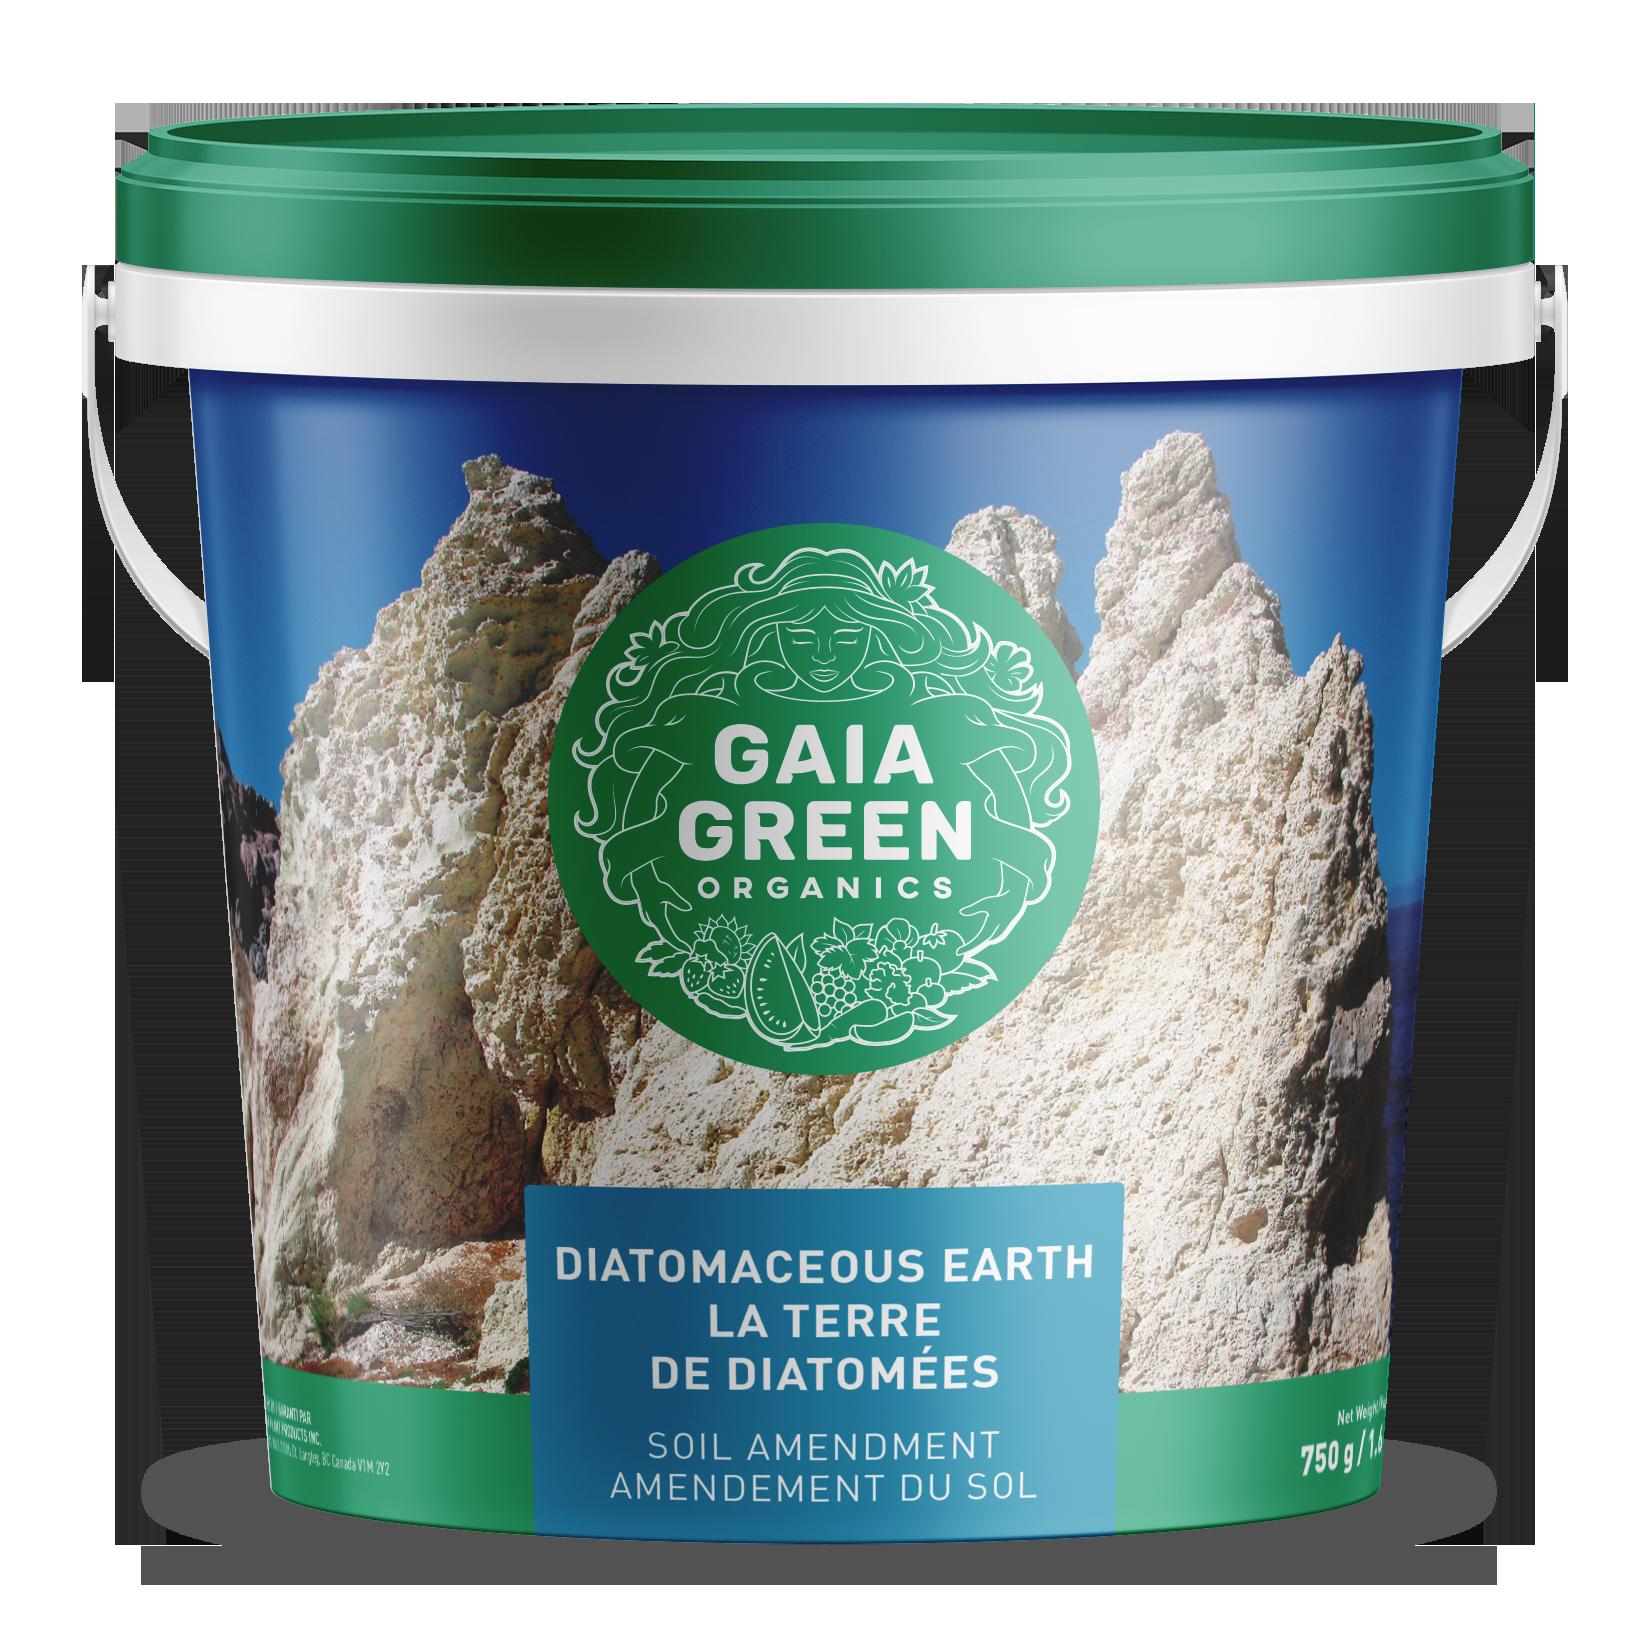 Gaia Green Diatomaceous Earth